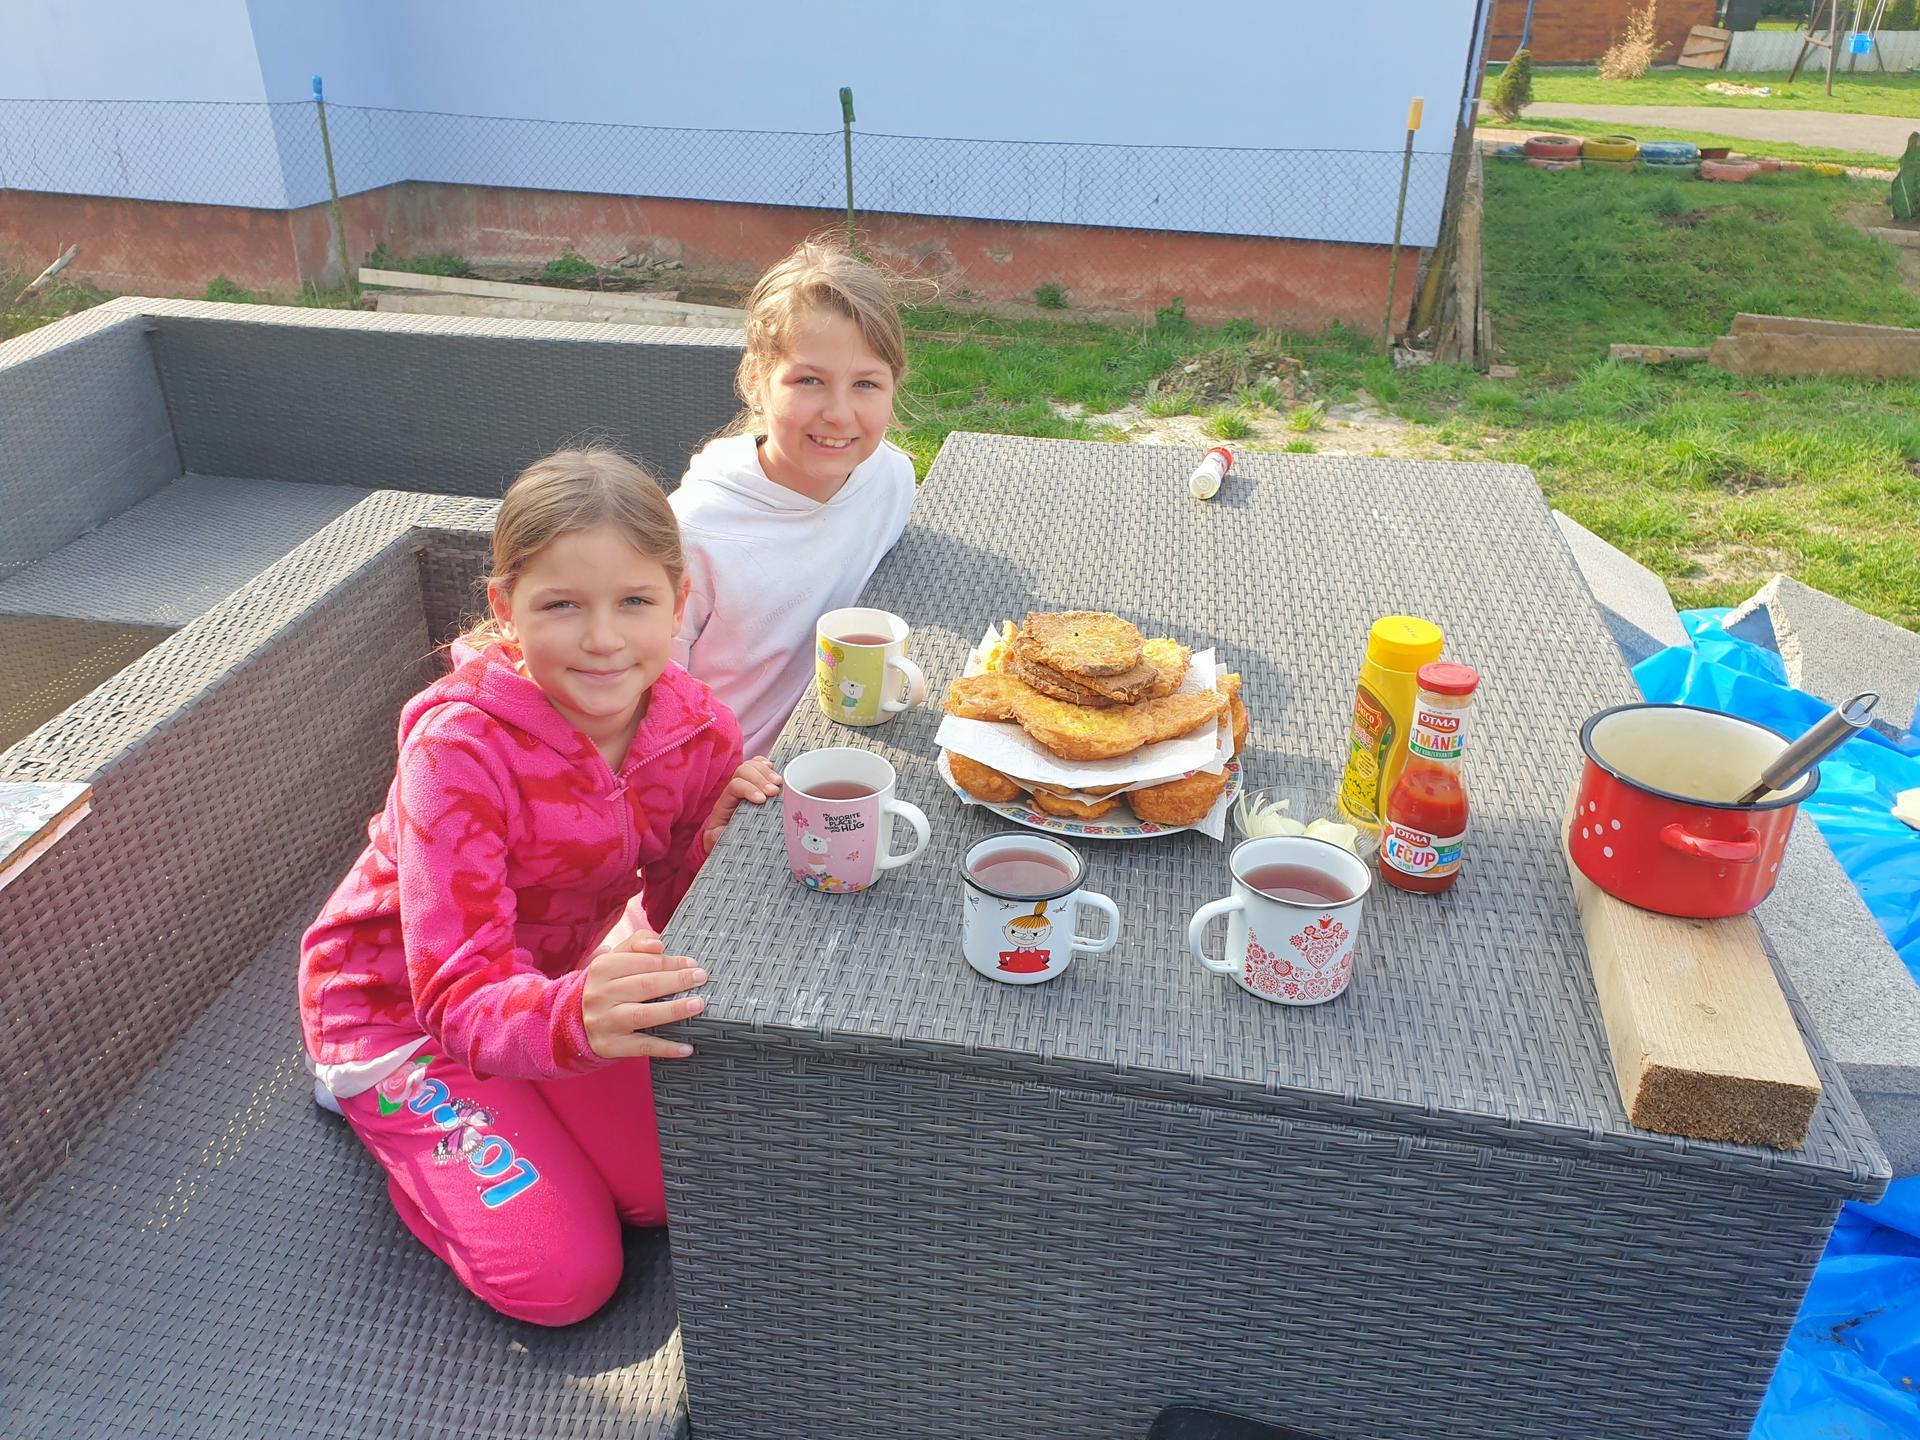 Rekonštrukcia domu-alebo chceme si splniť sen =》🏠🌻🌼🐶  mat domcek a vratit sa na Slovensko - Raňajky na terase🤤🌞🥰